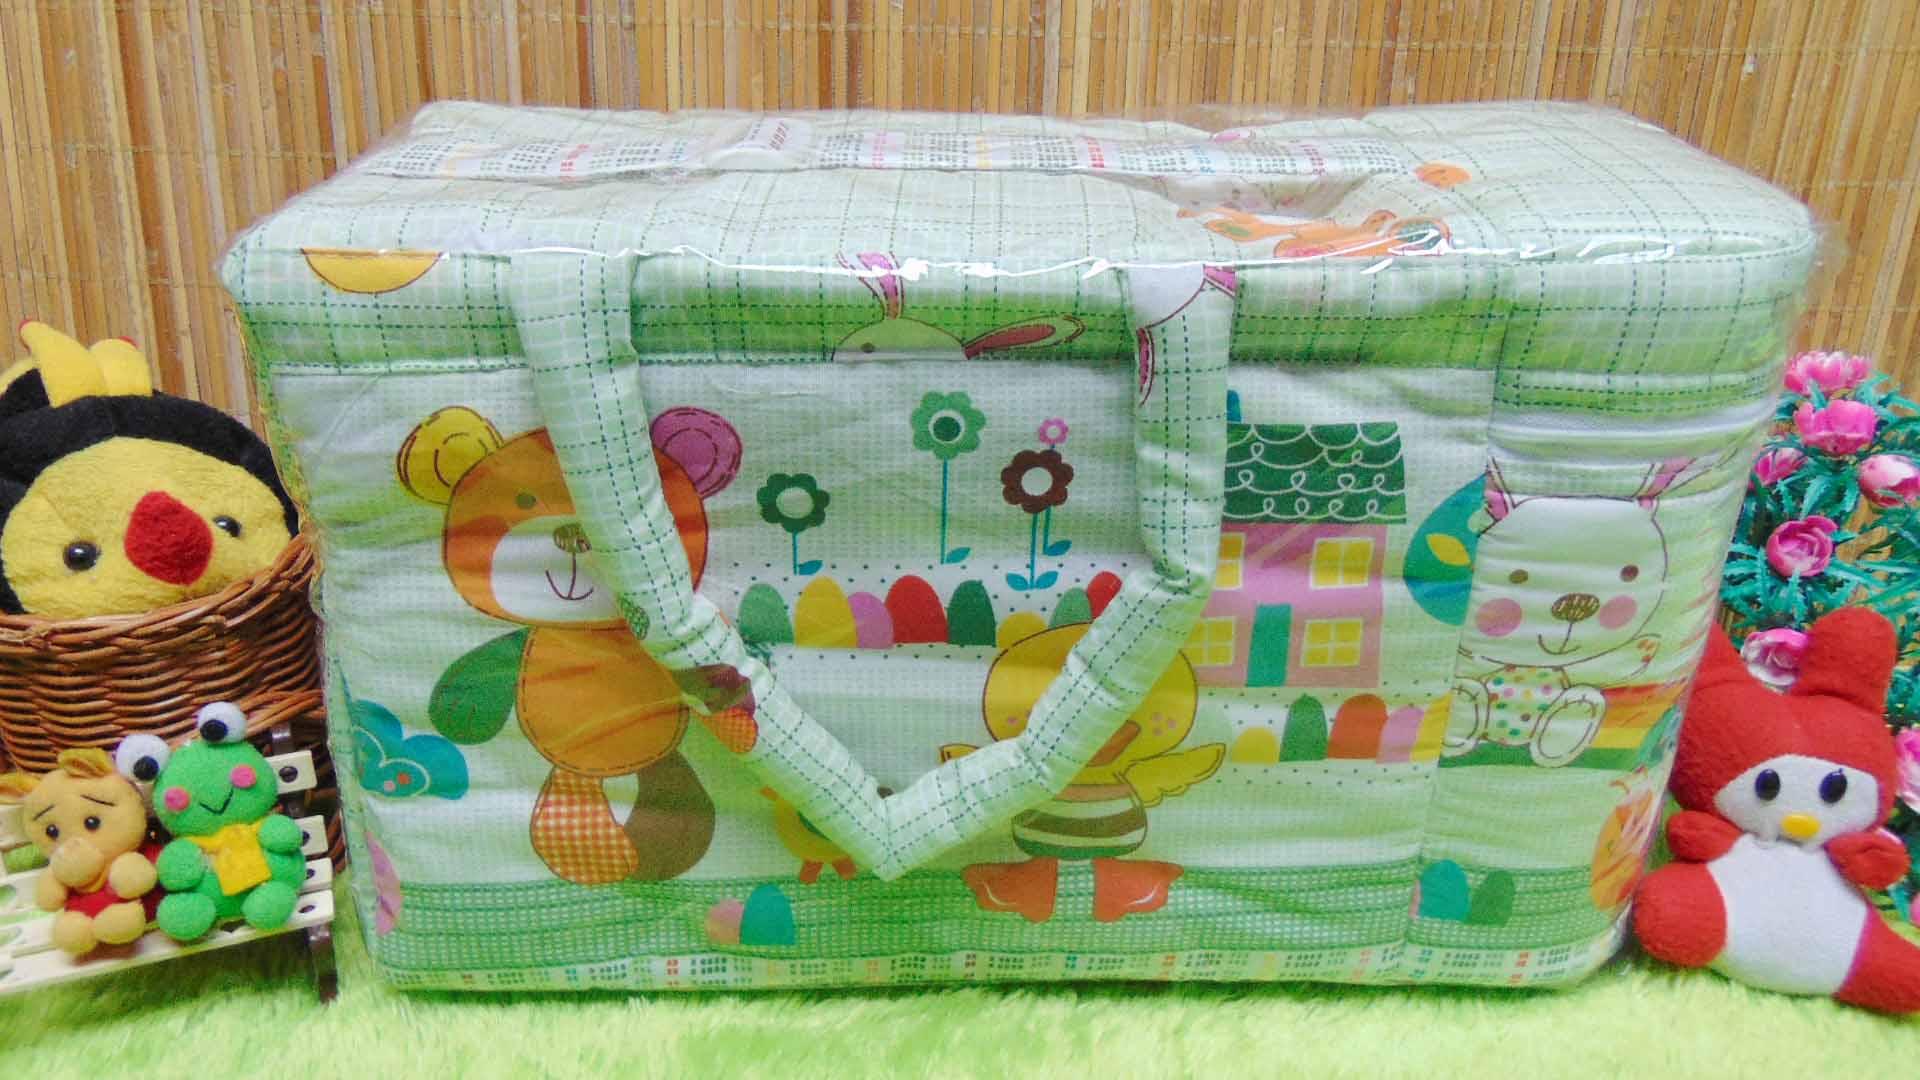 kado bayi tas perlengkapan bayi motif beruang kotak hijau dengan wadah botol susu tahan panas dingin 65 praktis dibawa, motif lucu, cocok untuk kado,dimensi 40x17x23cm